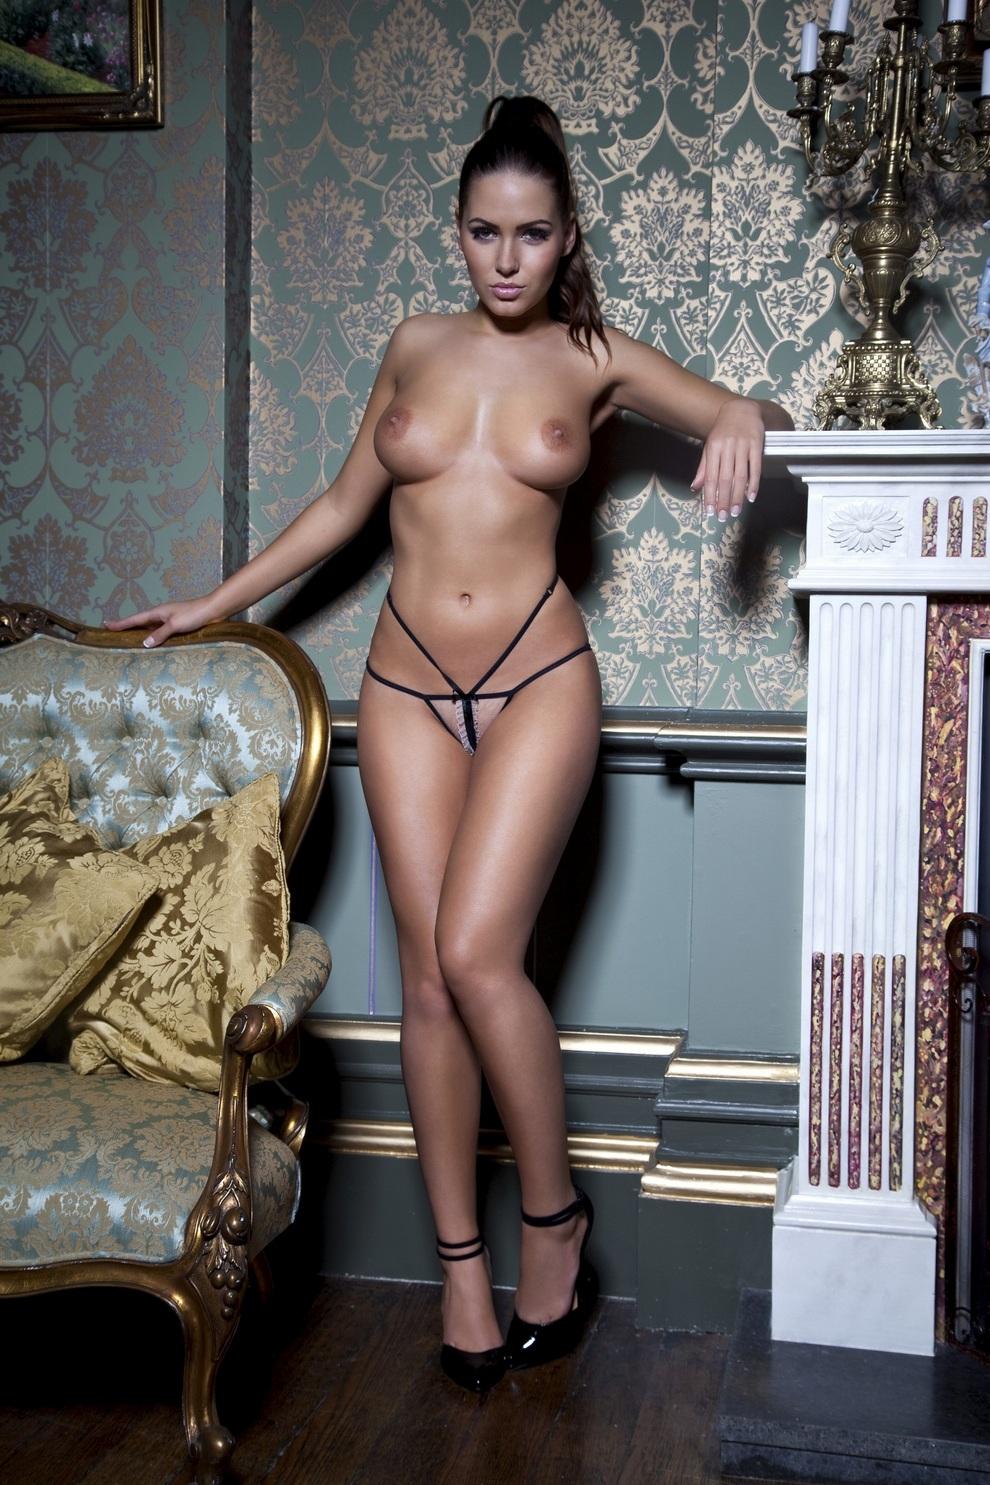 Индивидуалки Емельянова не опасно ли заказывать проституток на дом в Санкт-Петербурге